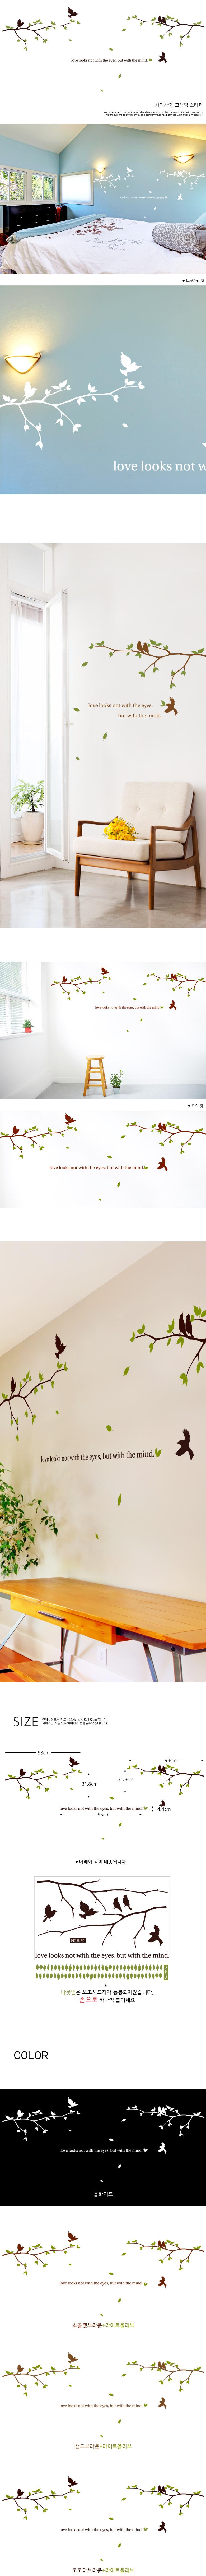 새의사랑_그래픽스티커20,300원-꾸밈인테리어, 월데코/벽지/장식, 월데코스티커, 나무/나뭇가지바보사랑새의사랑_그래픽스티커20,300원-꾸밈인테리어, 월데코/벽지/장식, 월데코스티커, 나무/나뭇가지바보사랑